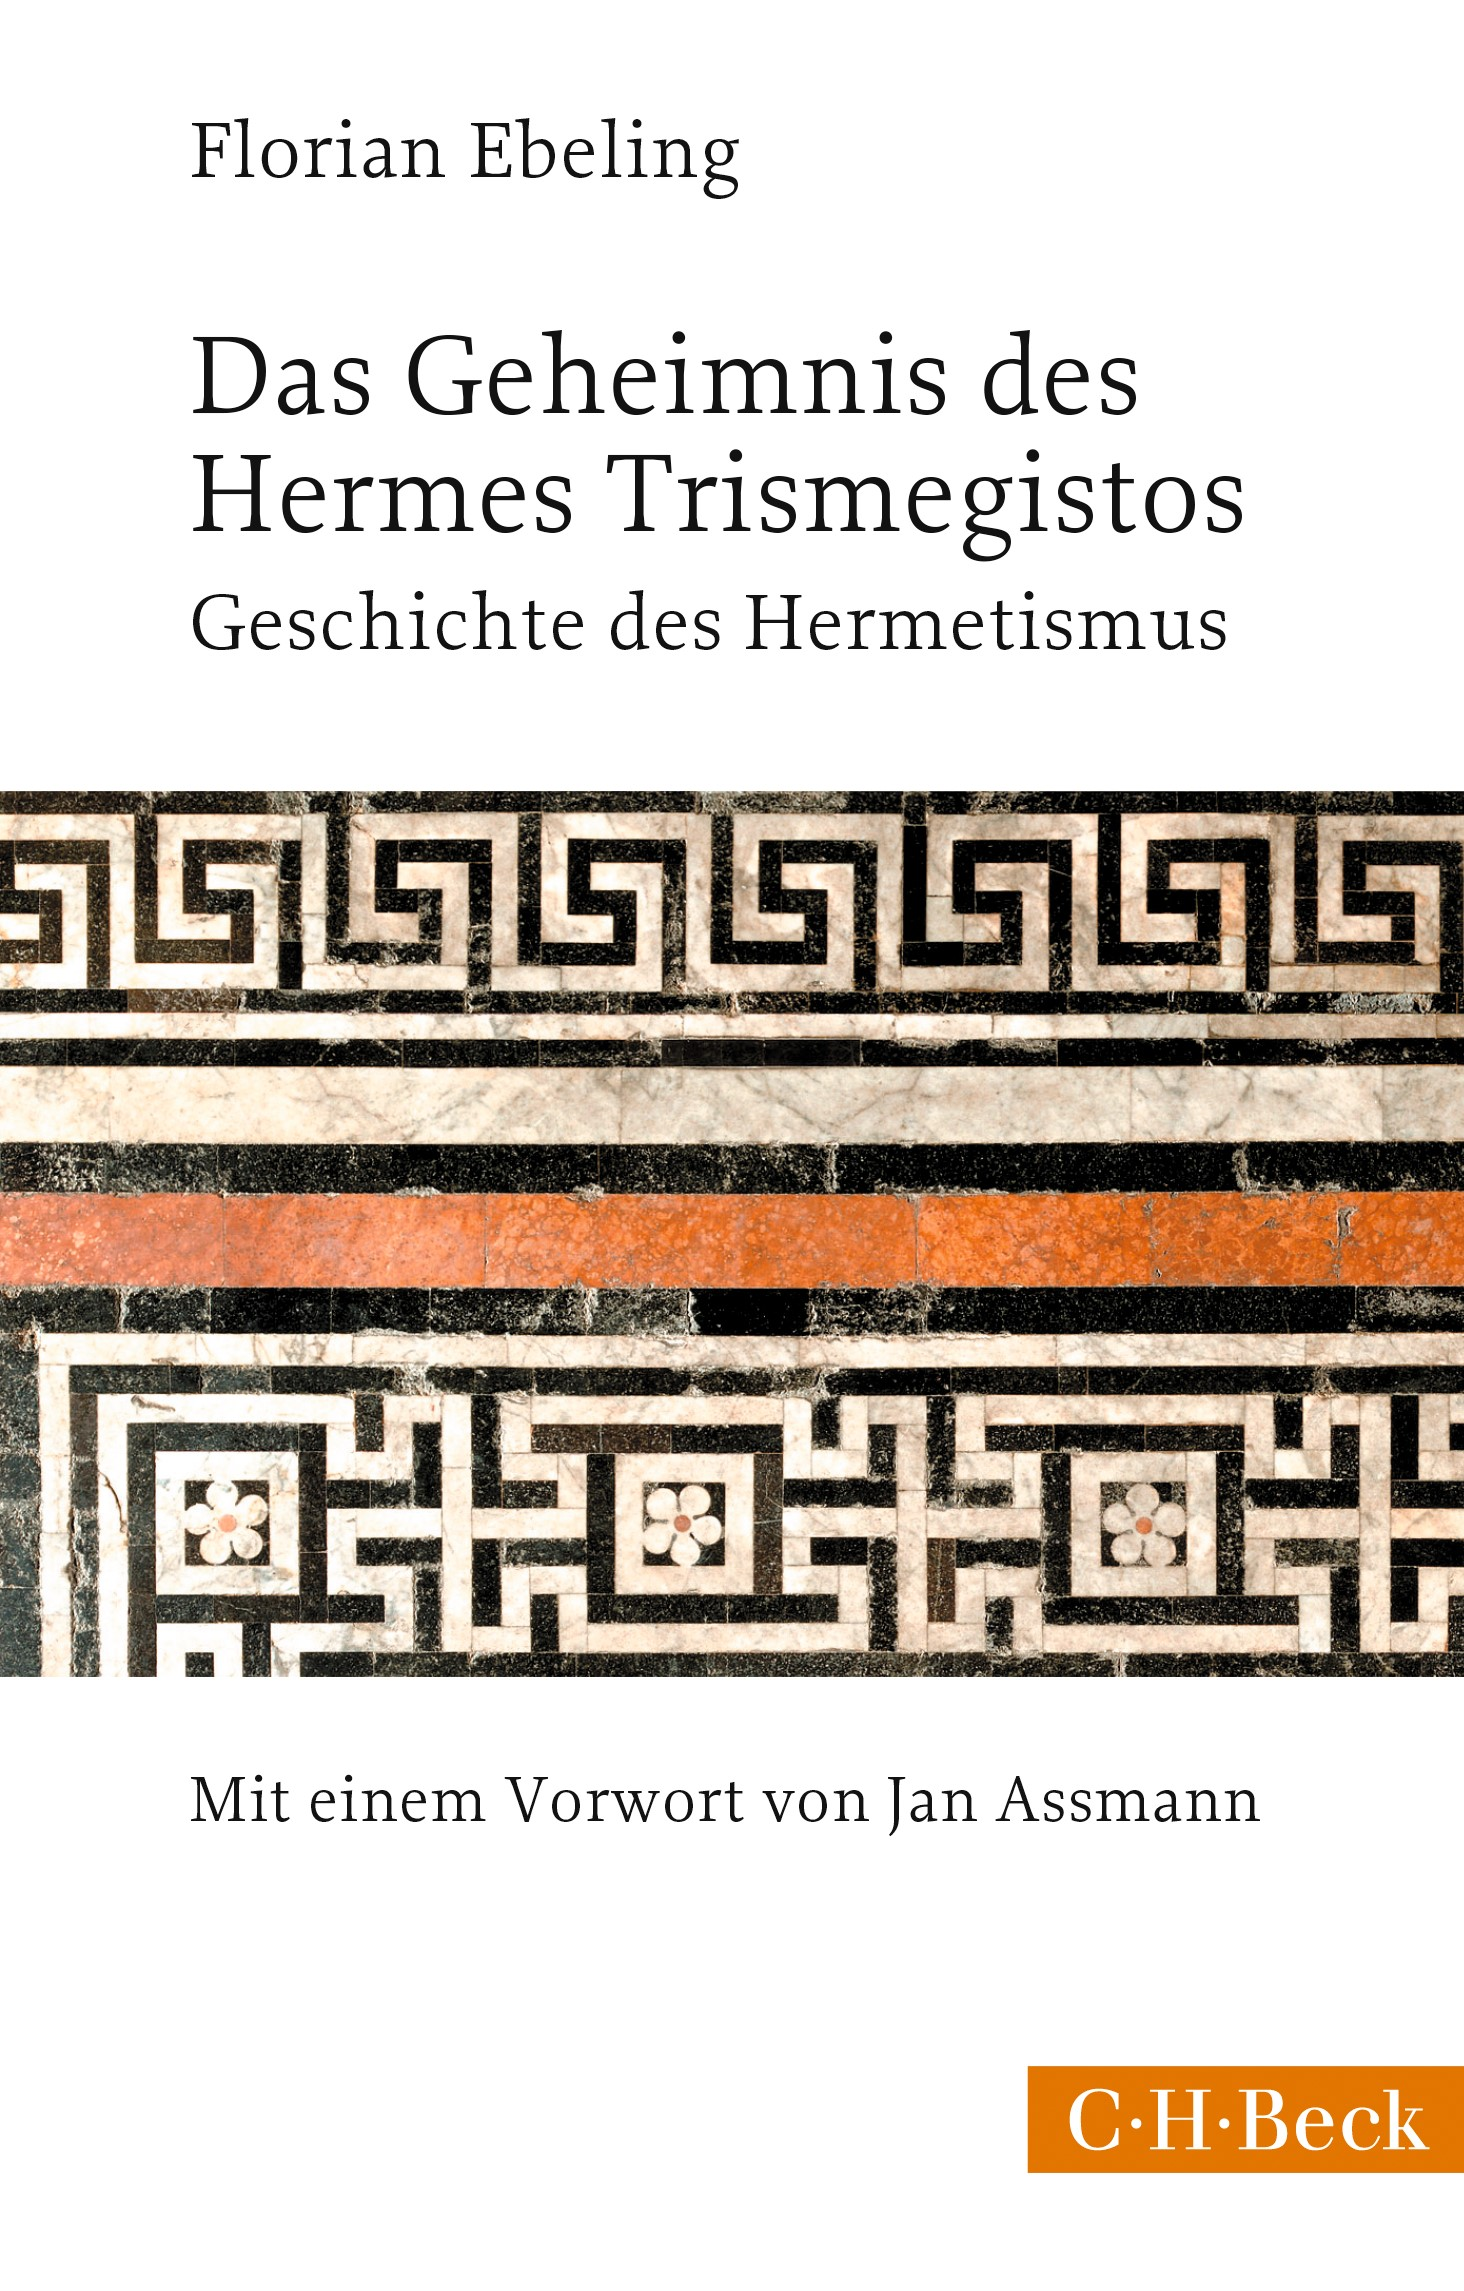 Abbildung von Ebeling, Florian | Das Geheimnis des Hermes Trismegistos | 3., durchgesehene Auflage | 2018